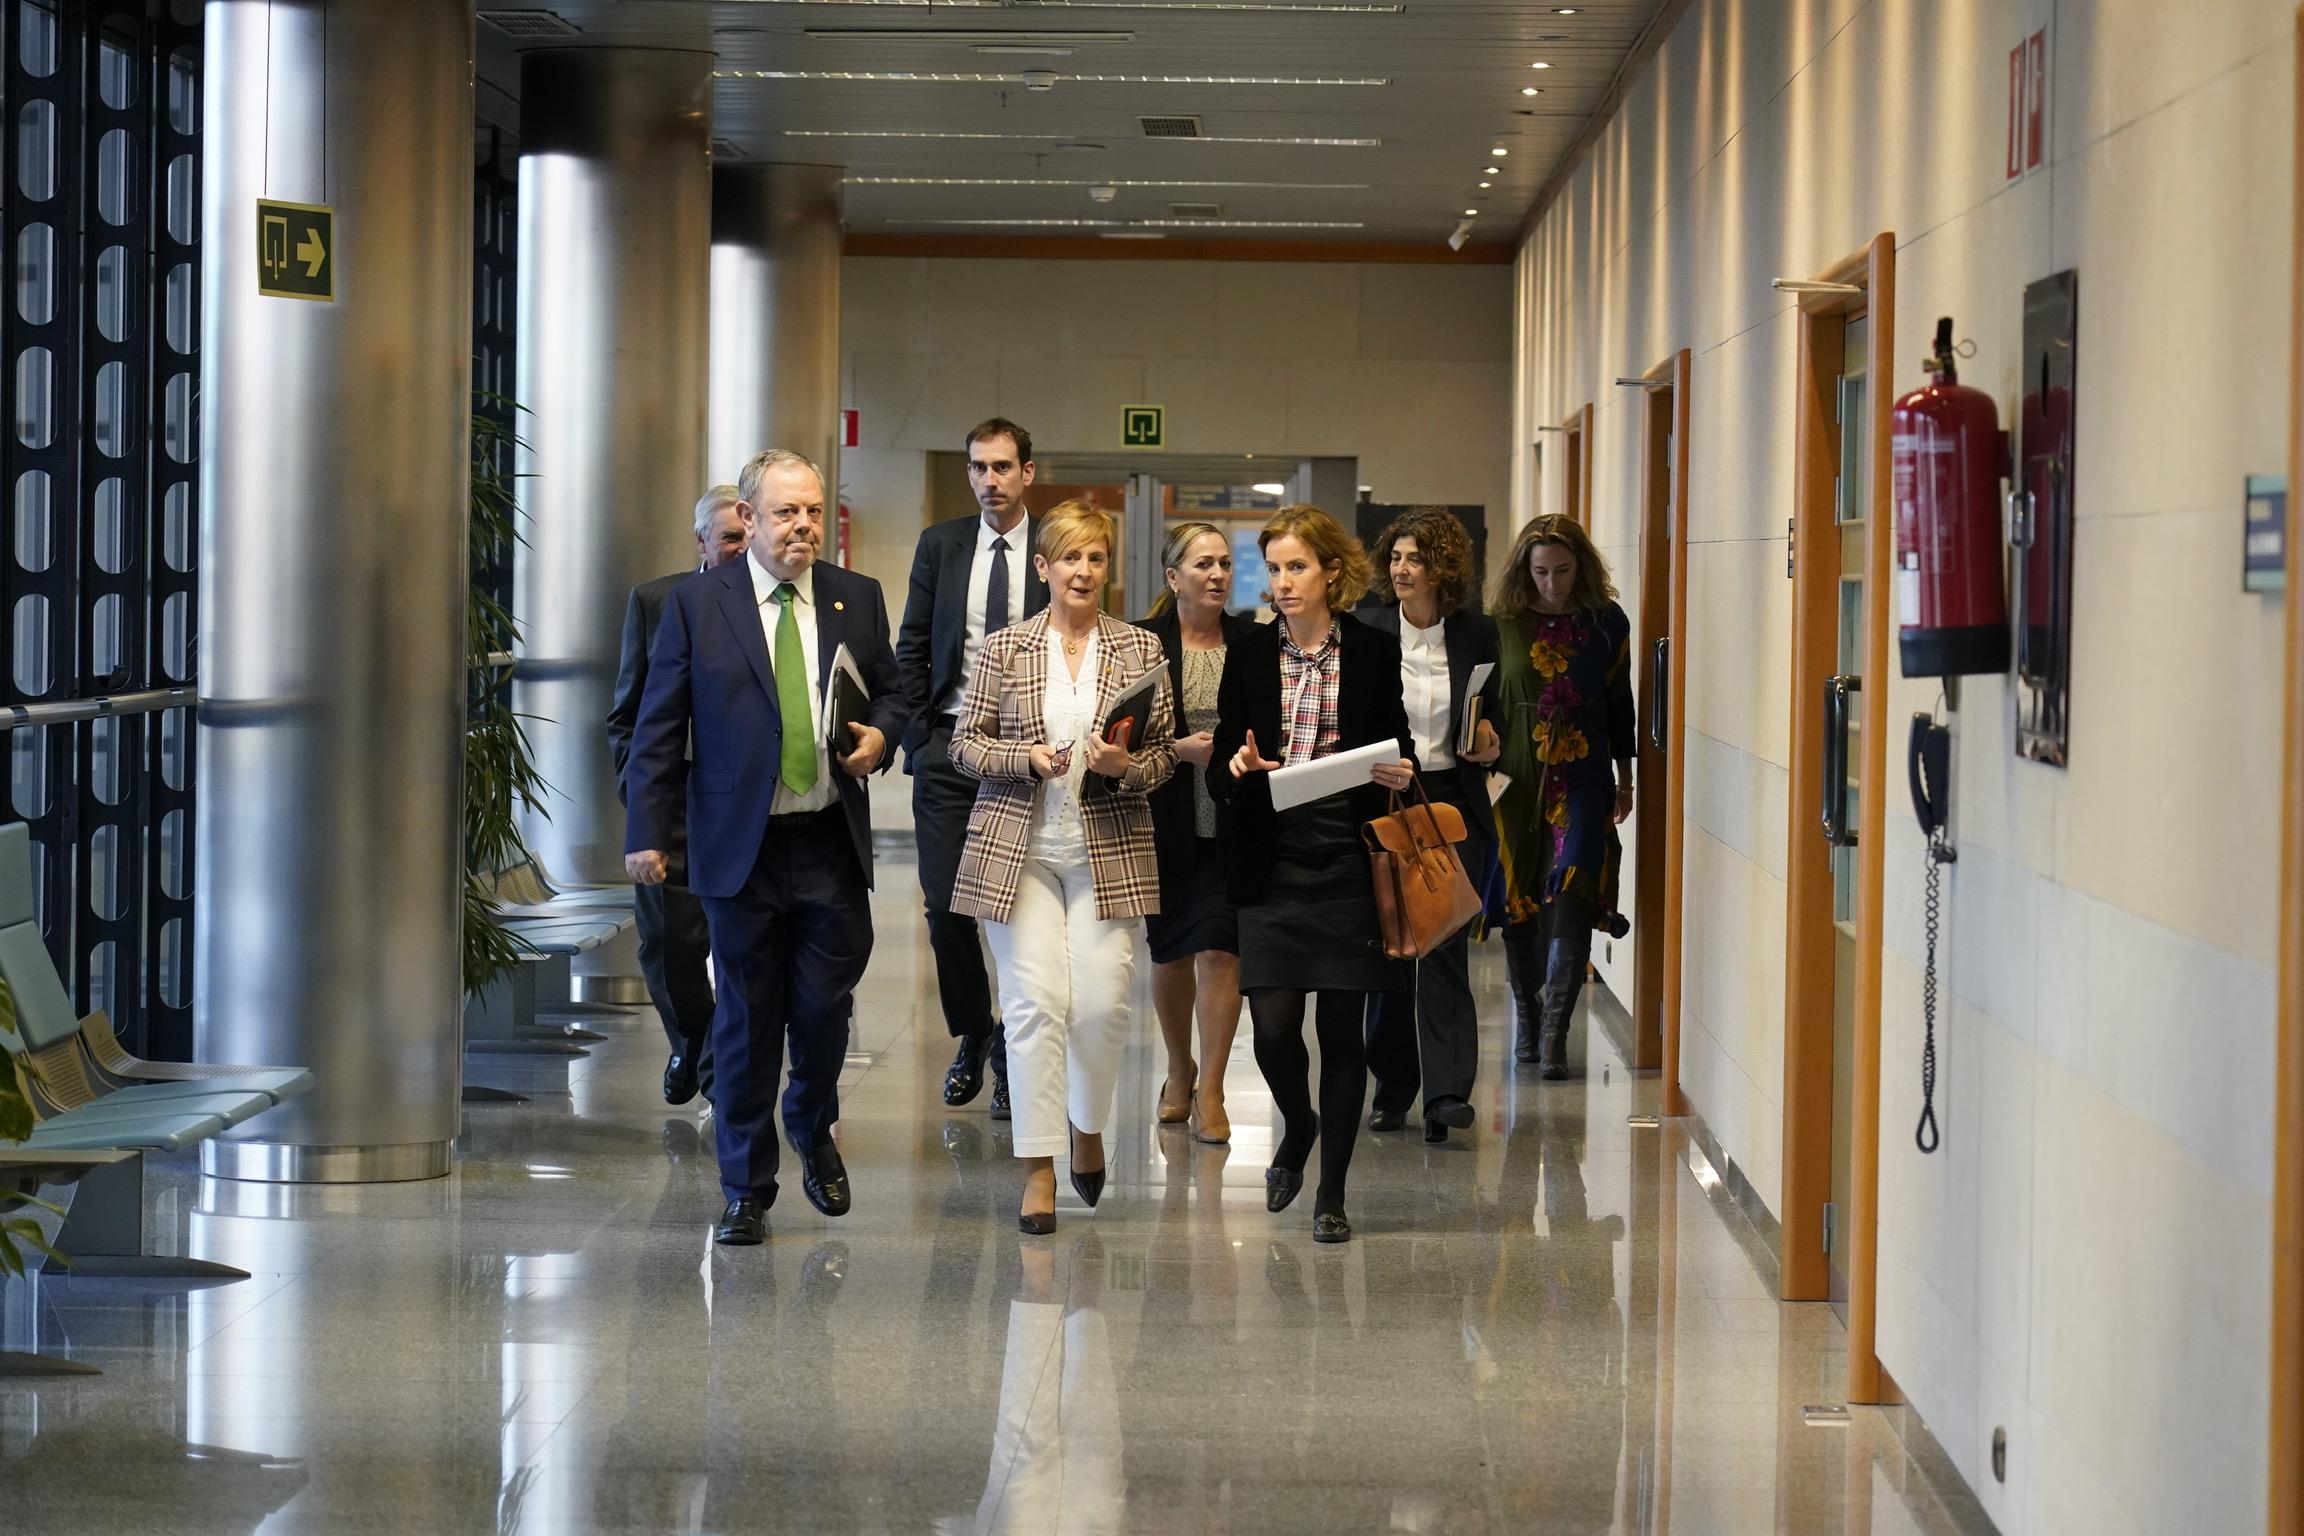 El Gobierno Vasco prepara la economía vasca para el posible impacto del COVID-19. Preguntas  [17:45]